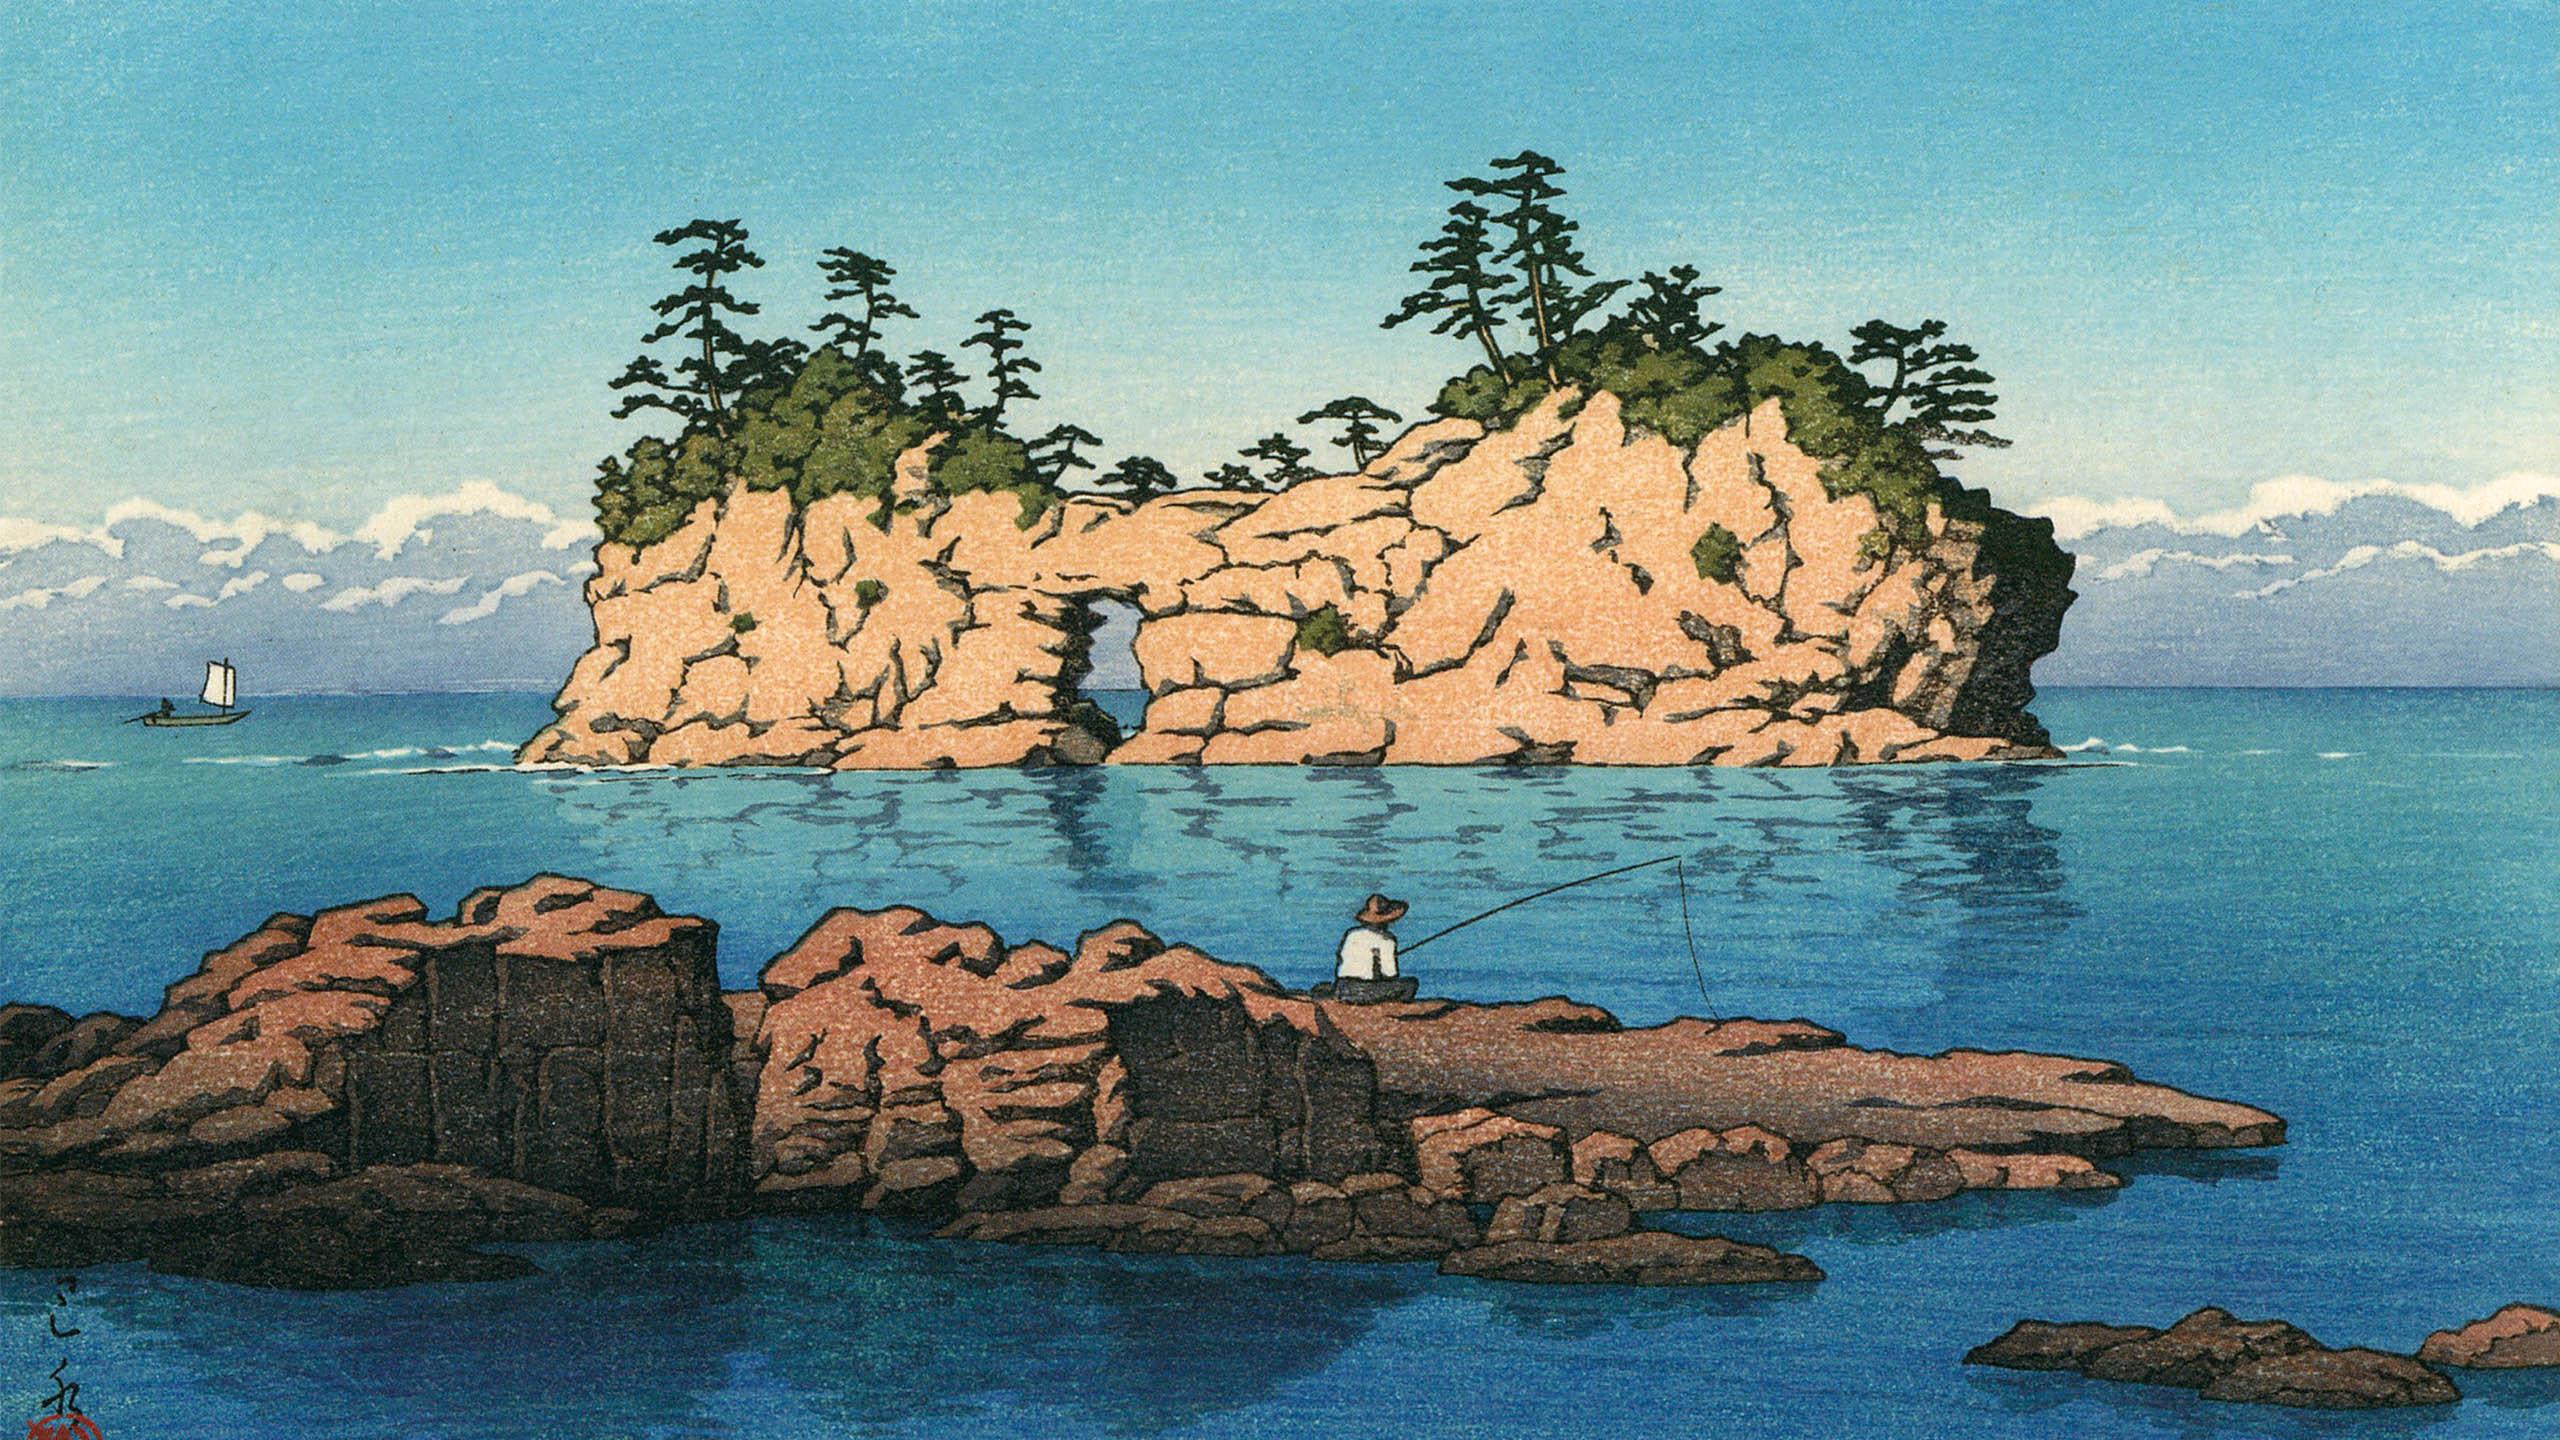 Kawase Hasui - Shirahama engetsu tou 2560x1440